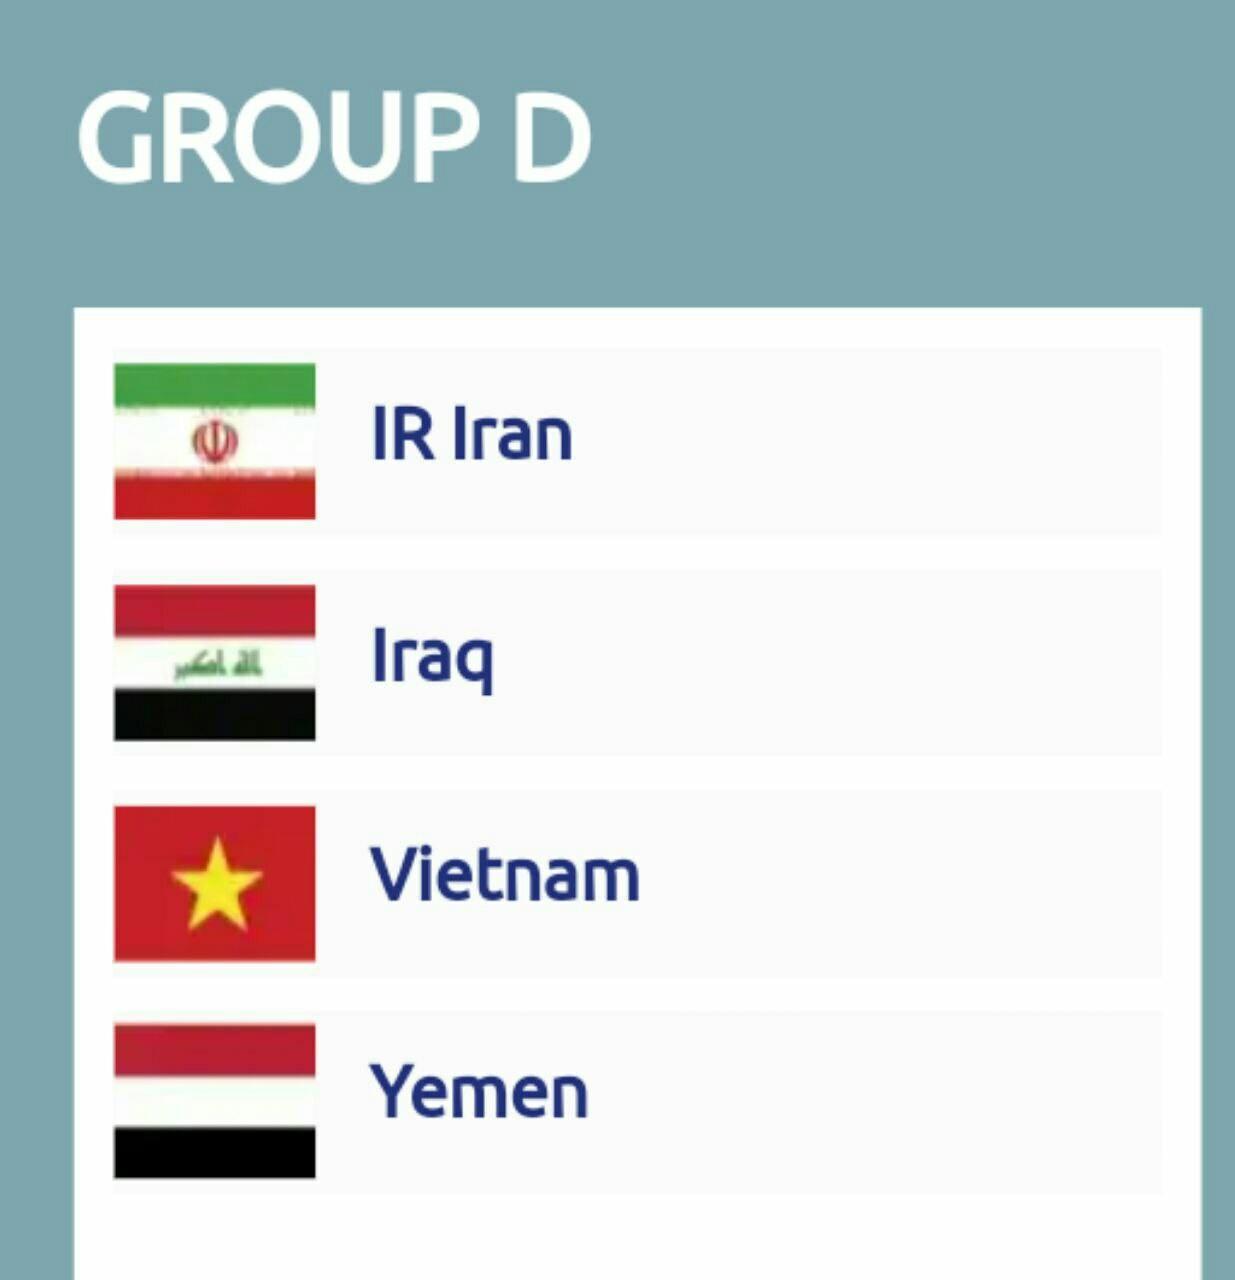 ایران در گروه ۴ با عراق، ویتنام و یمن همگروه شد